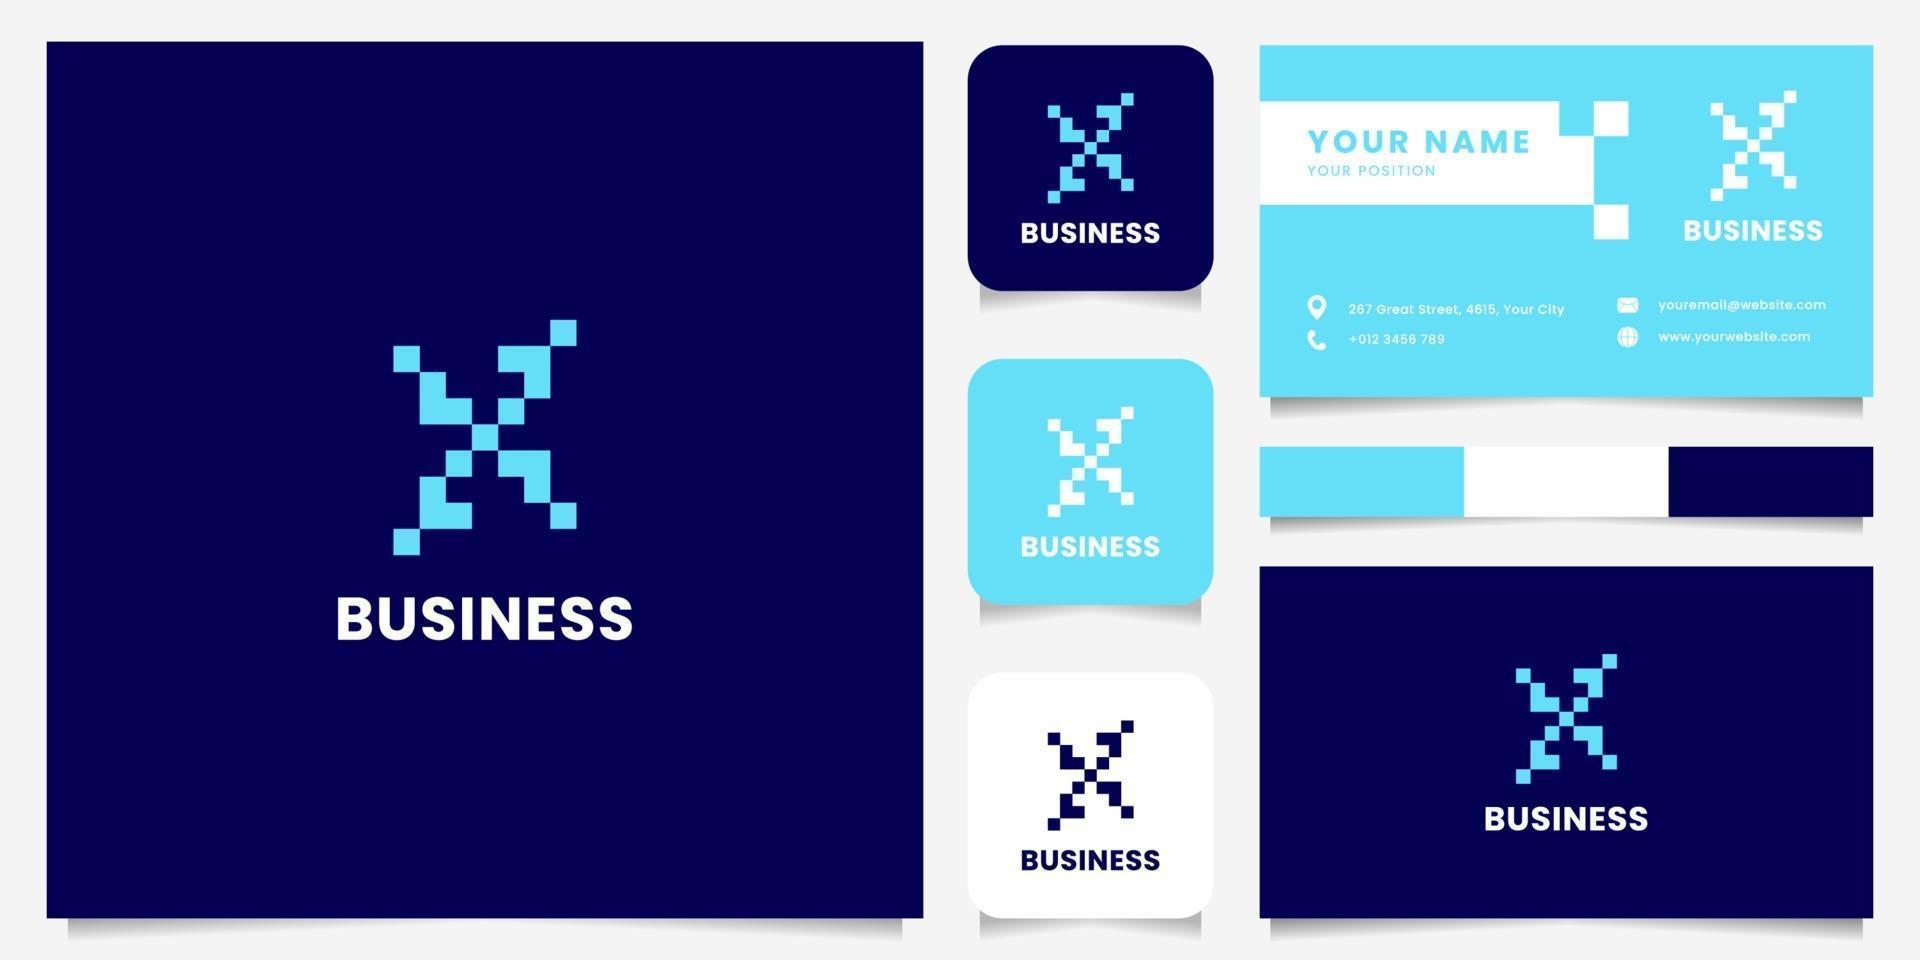 einfaches und minimalistisches blaues Pixelbuchstaben-x-Logo mit Visitenkartenschablone vektor